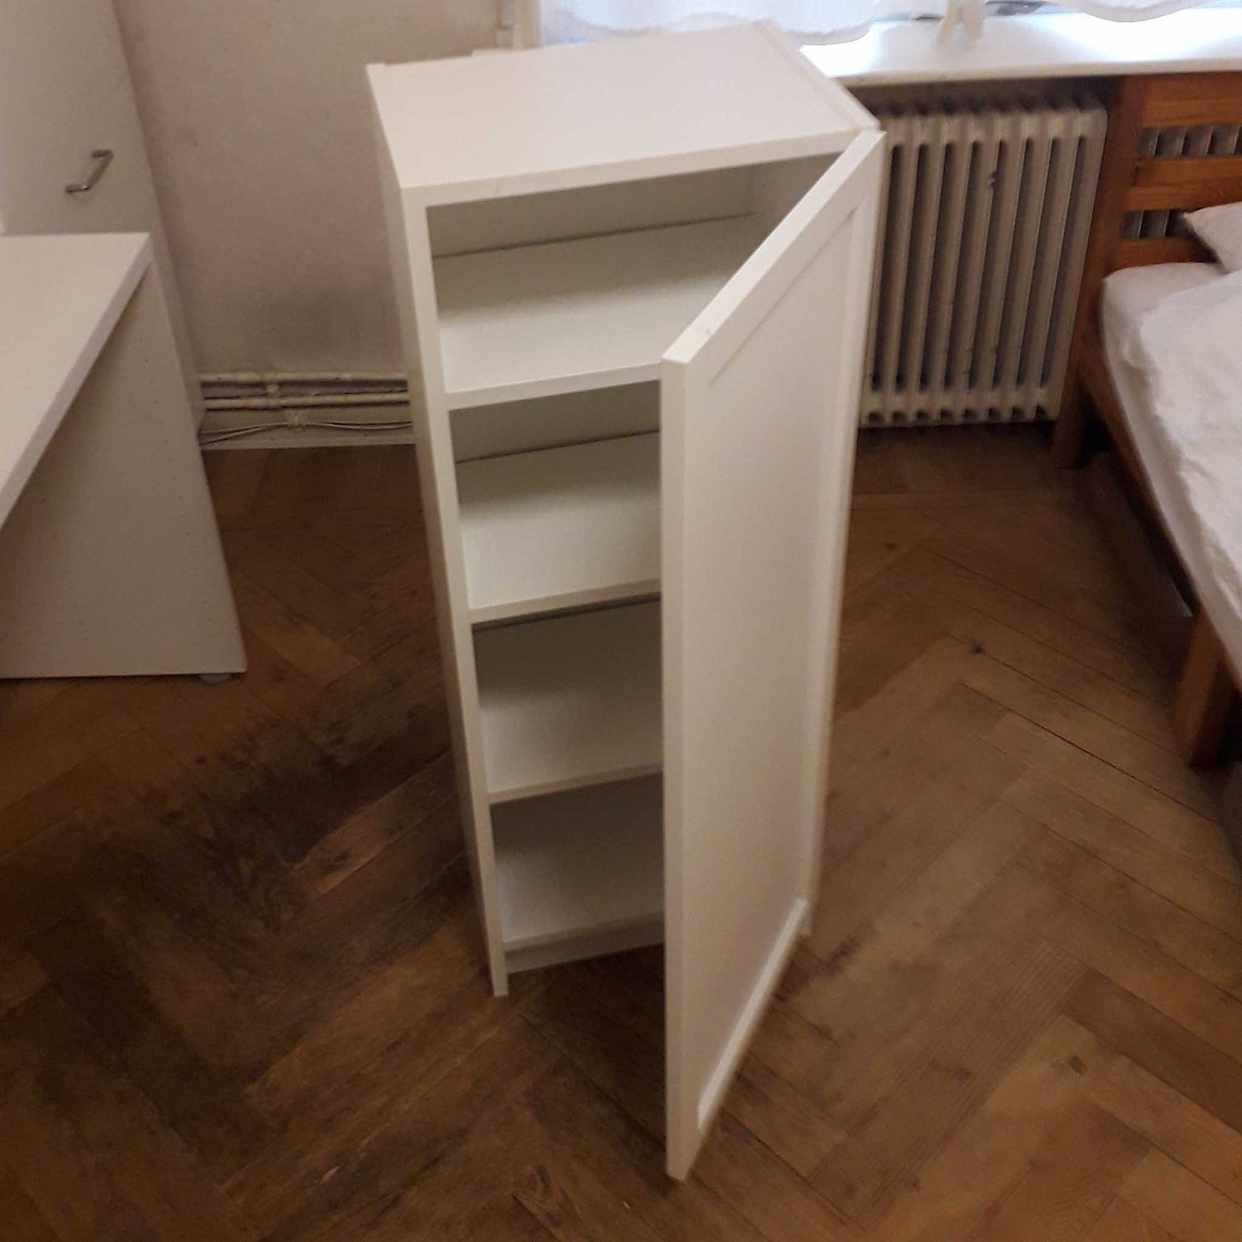 image of IKEA Billy skåp - Stockholm